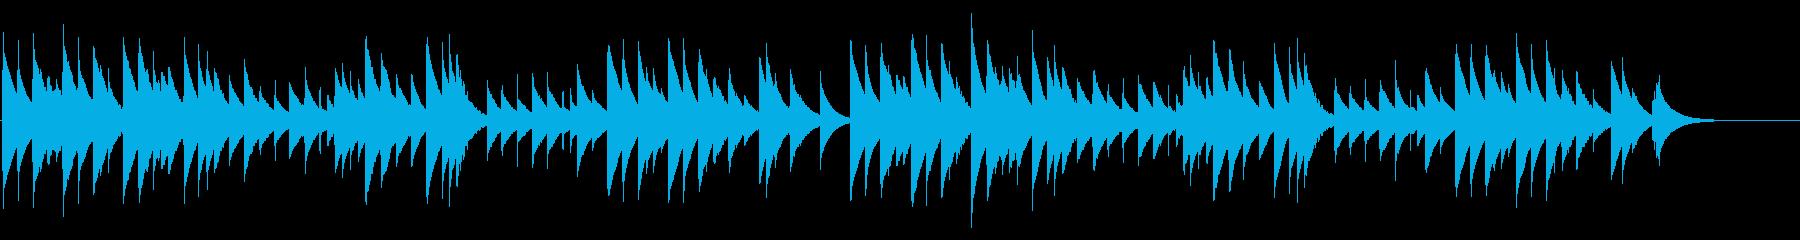 さくら さくら カード式オルゴールの再生済みの波形